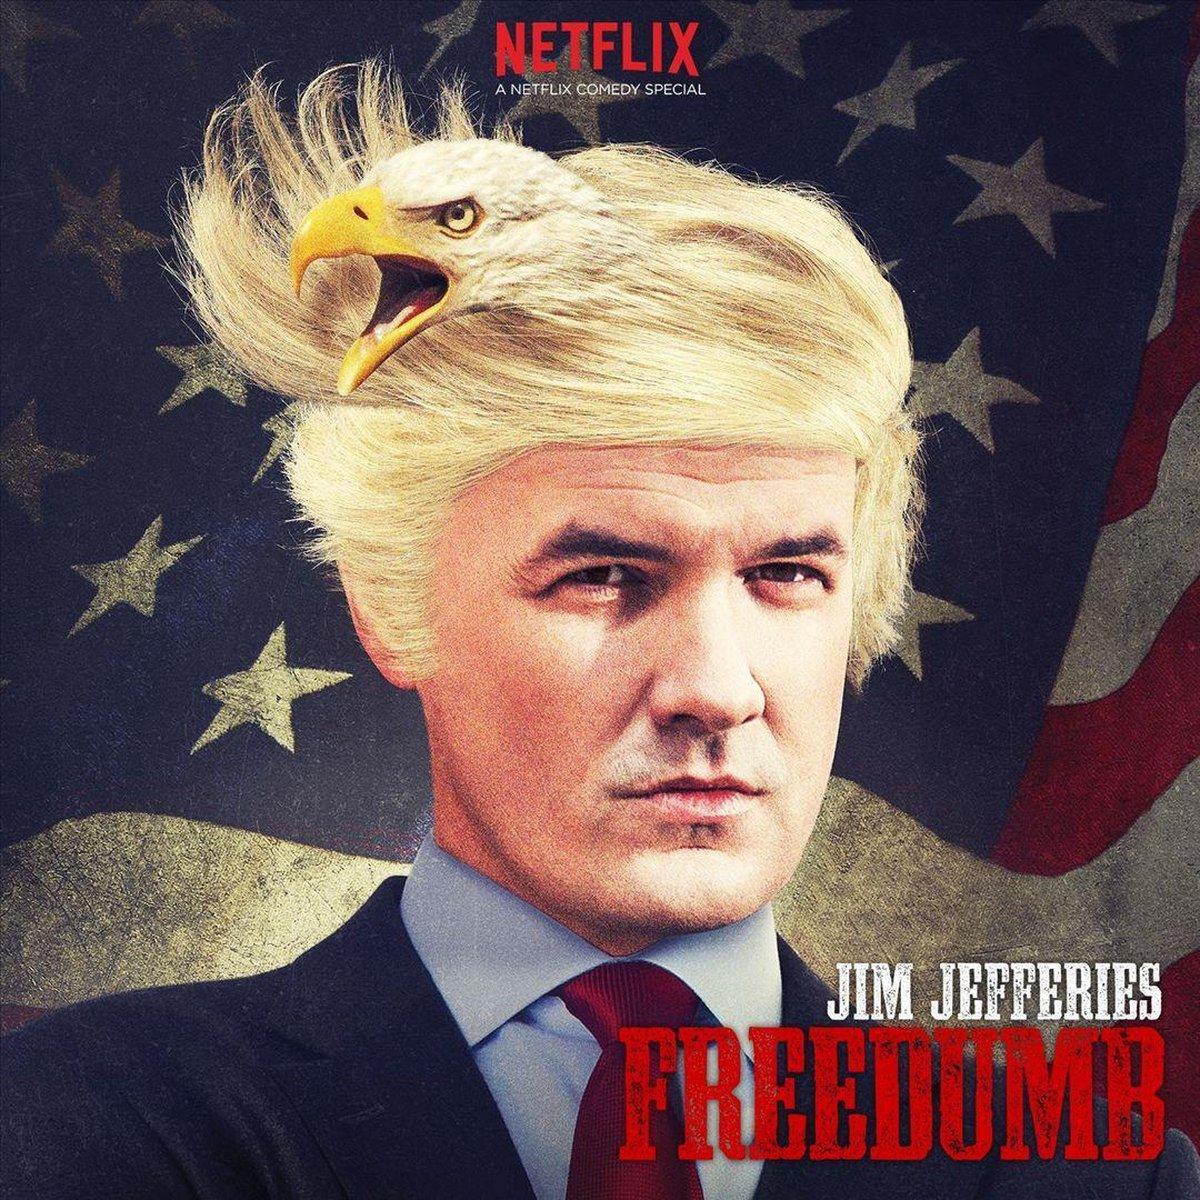 Freedumb - Jim Jefferies